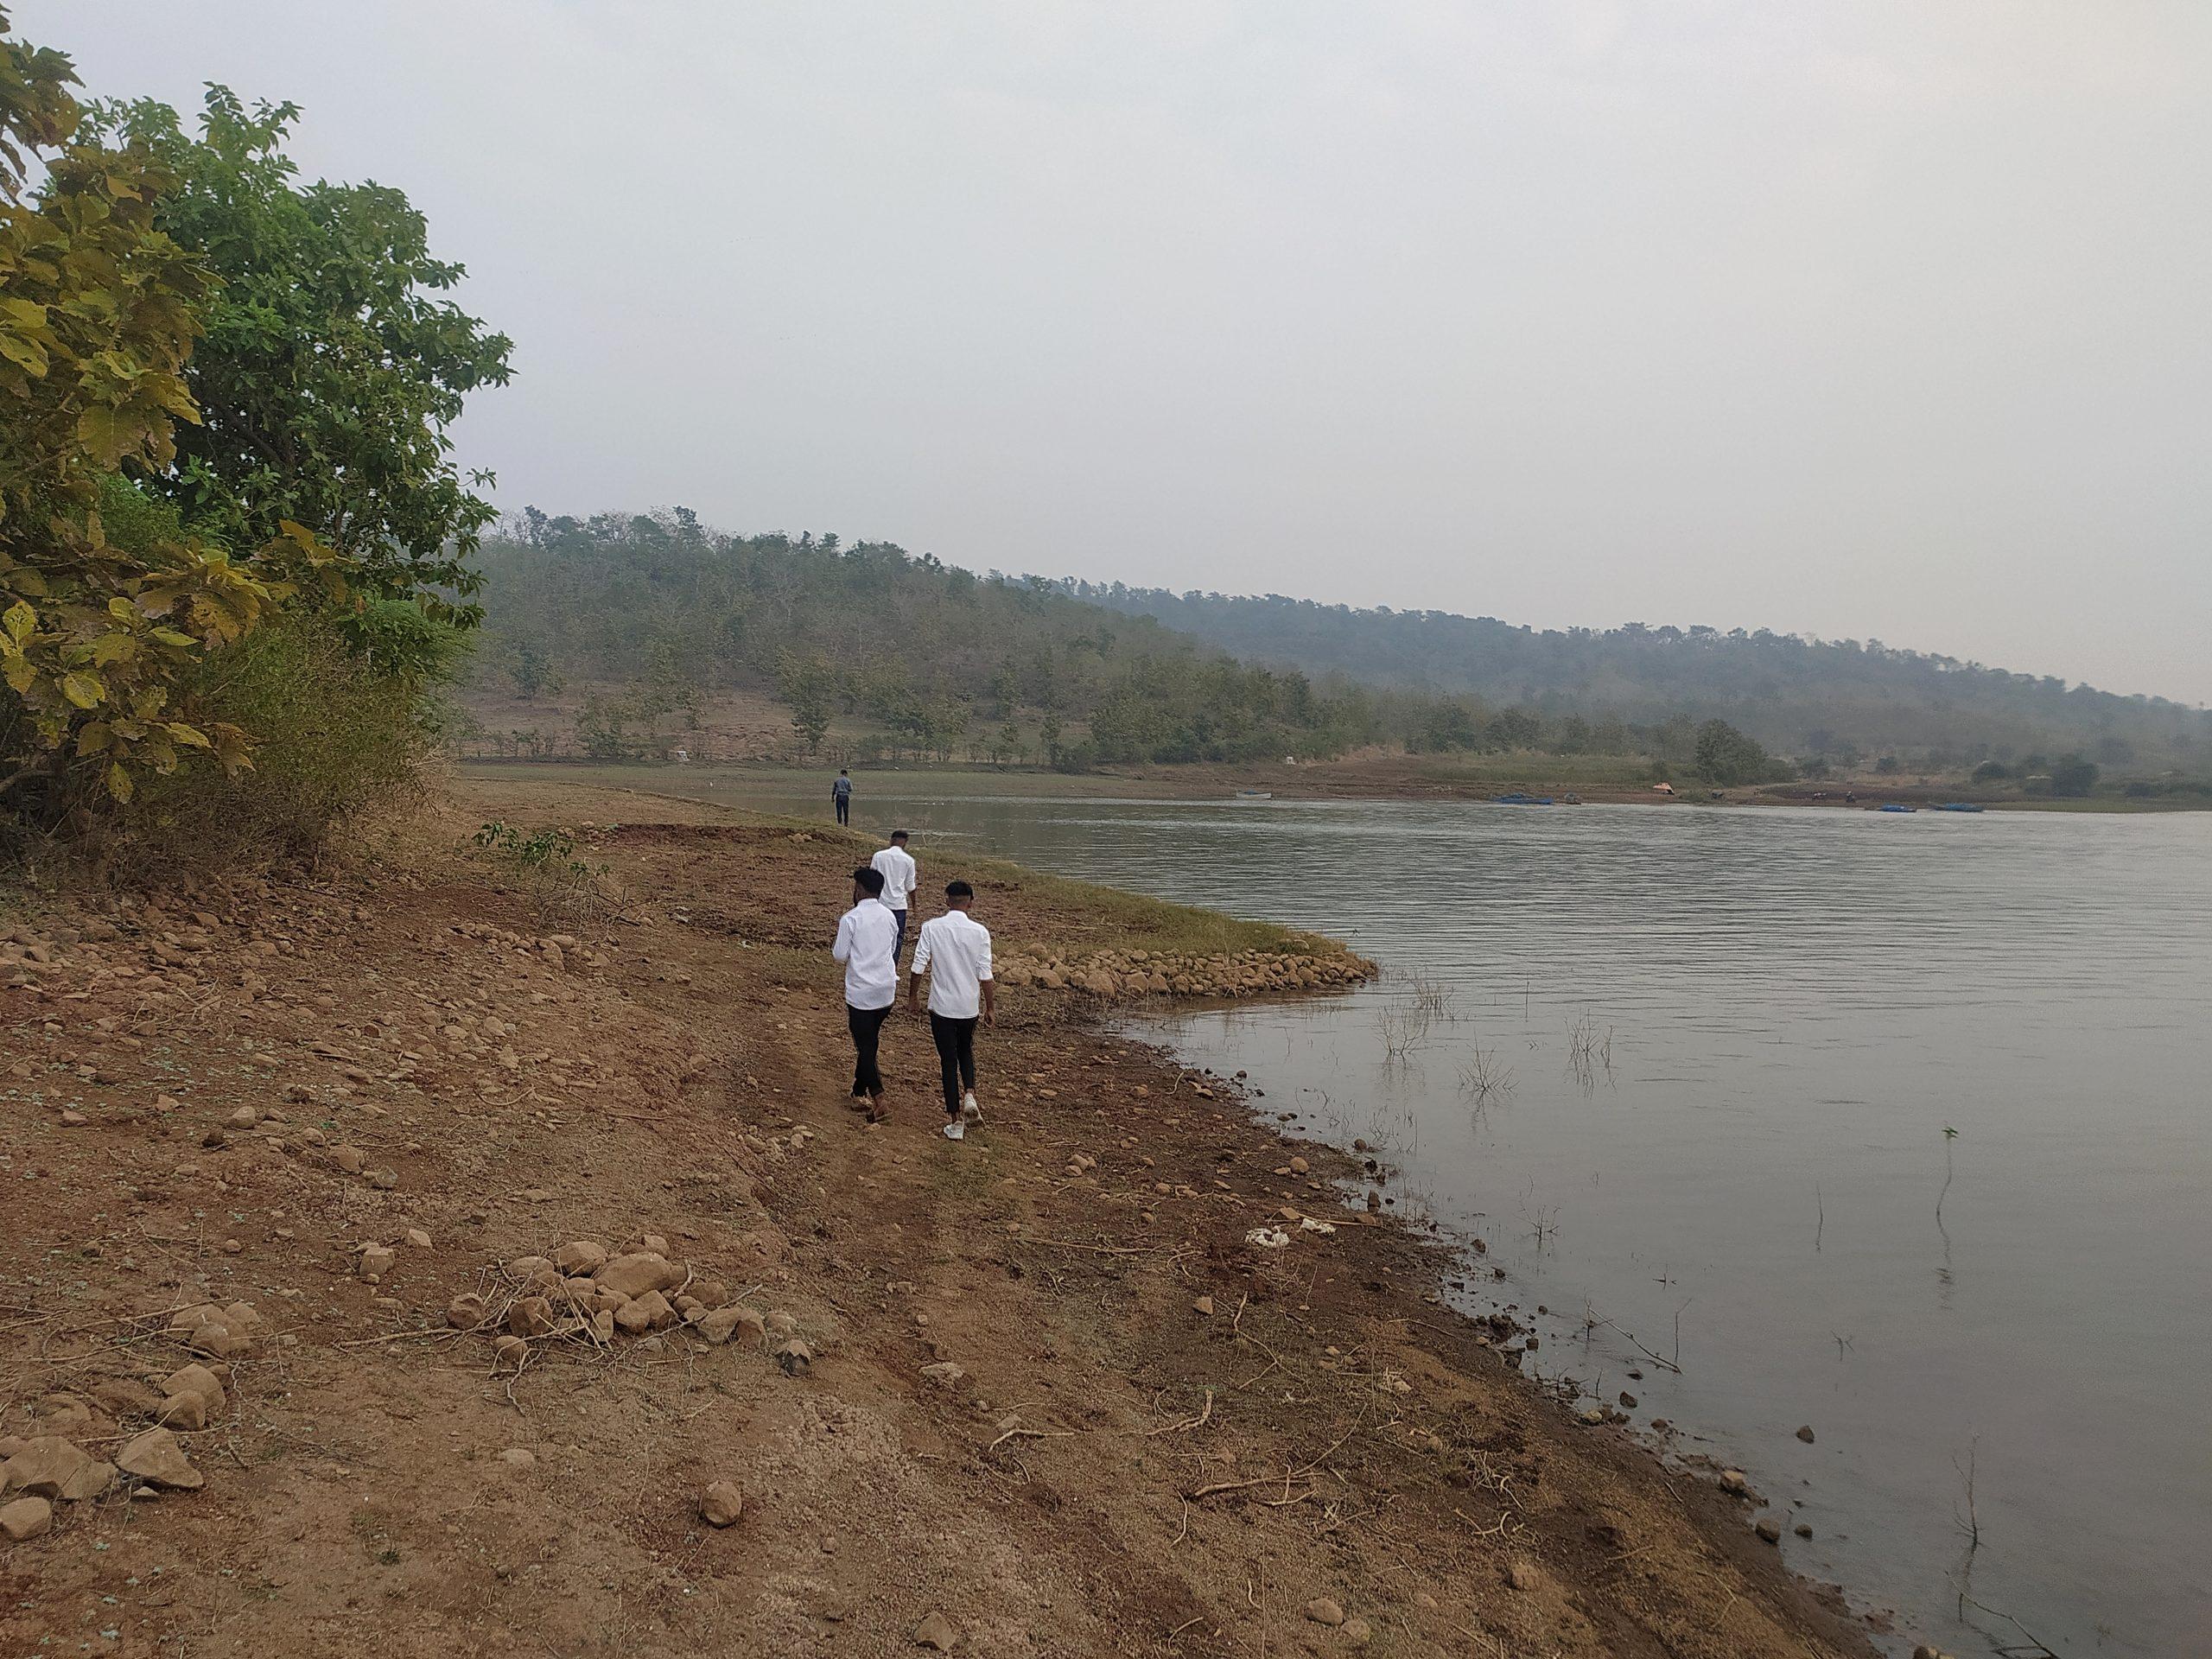 Boys walking beside a lake